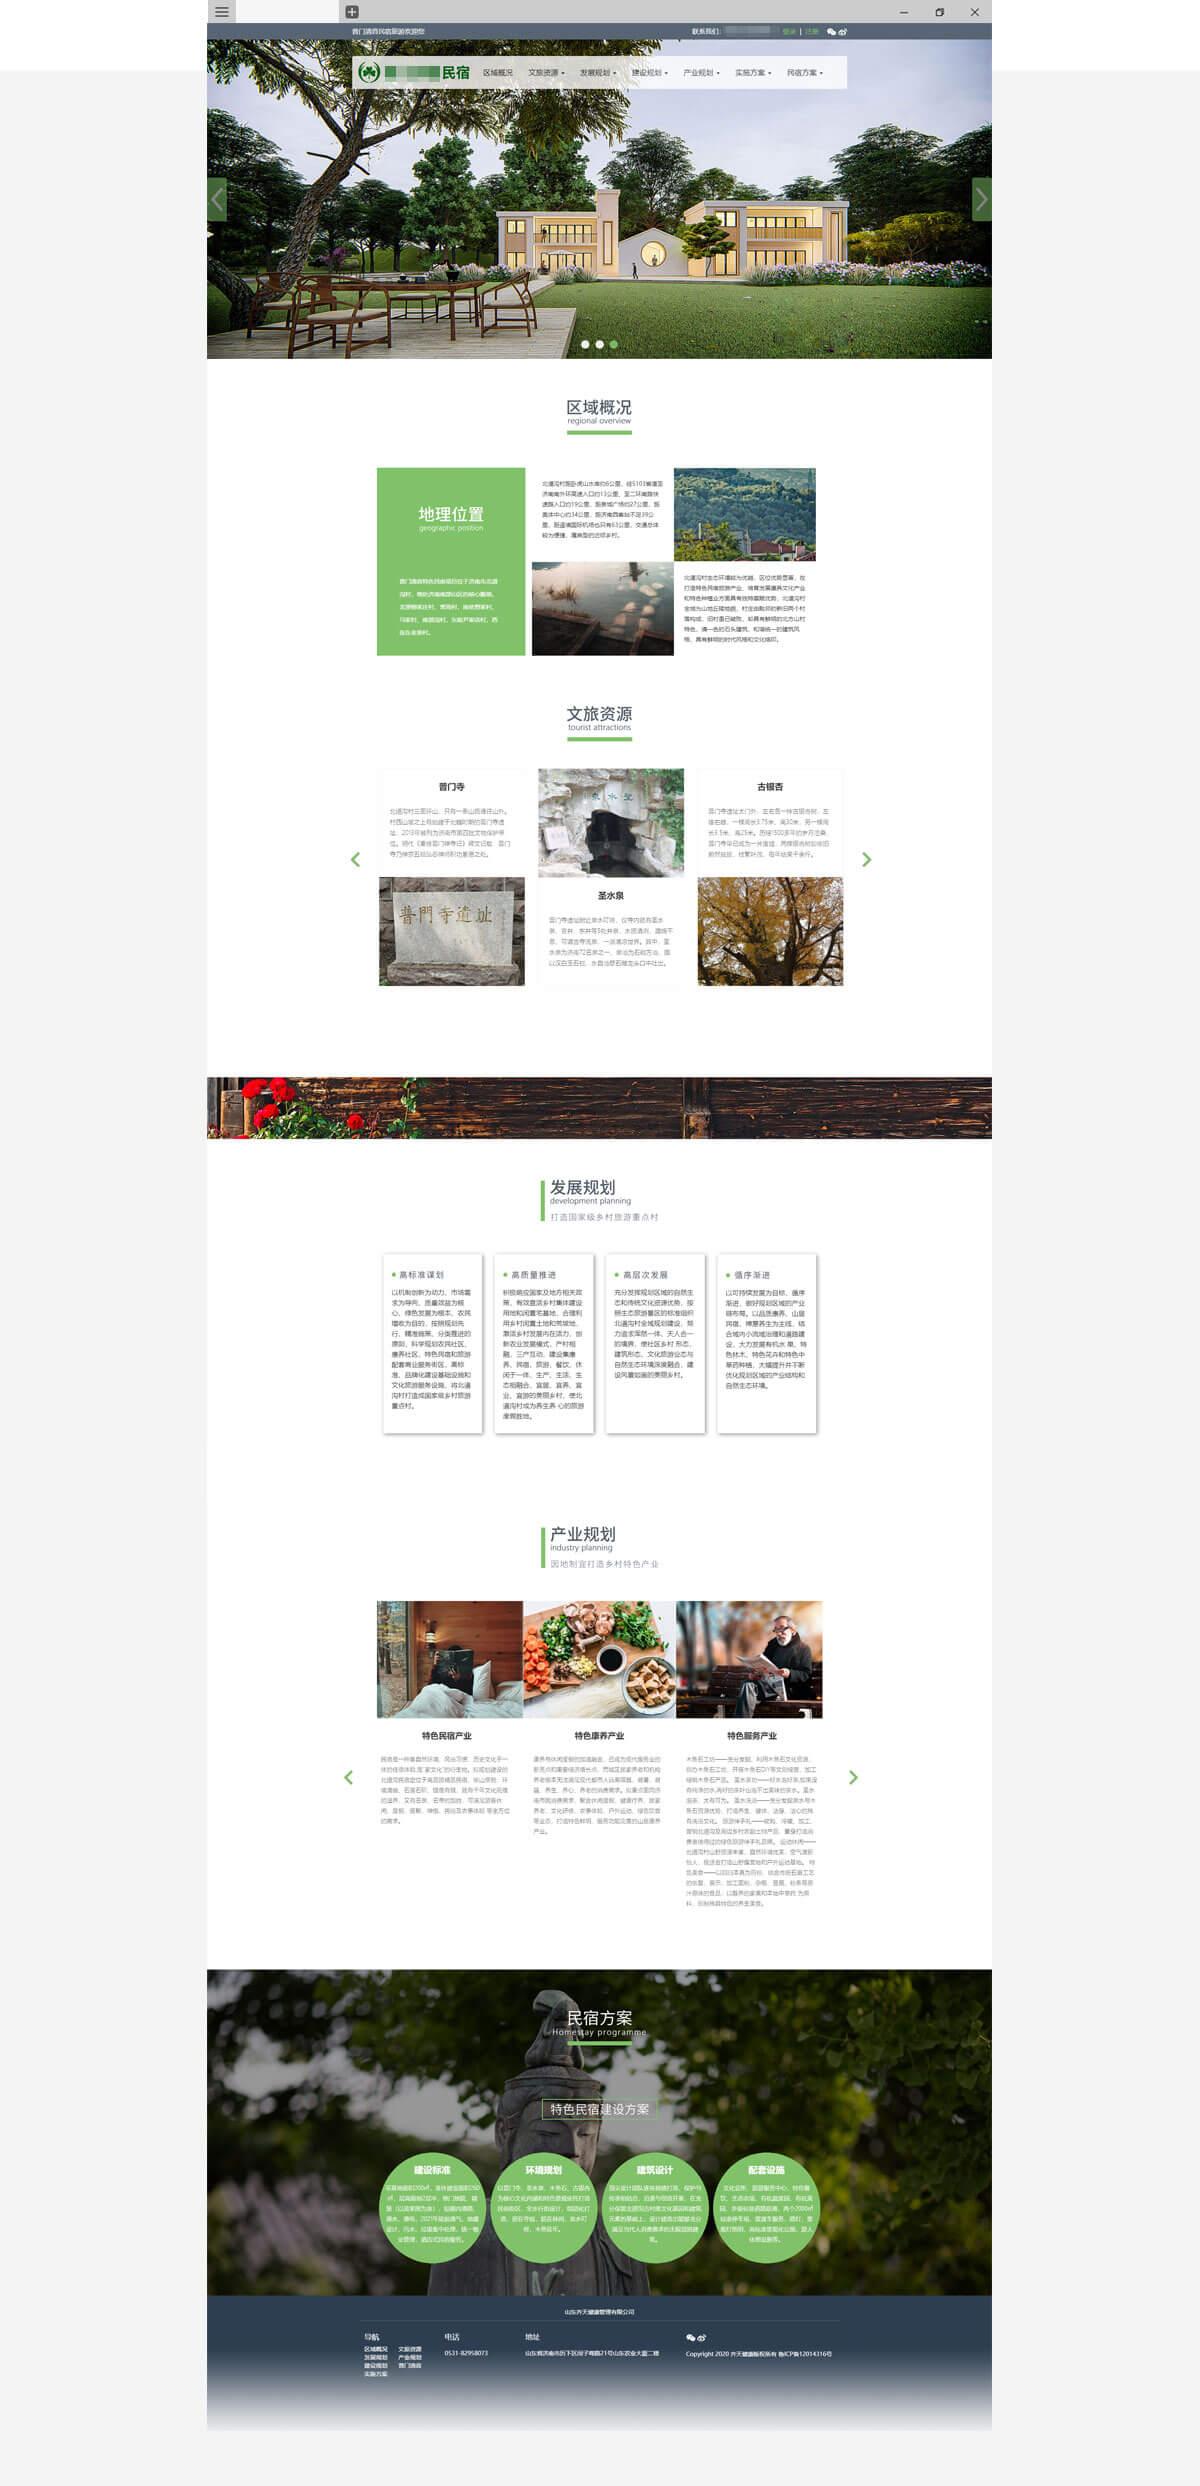 民宿旅馆策划与运营集团公司网站